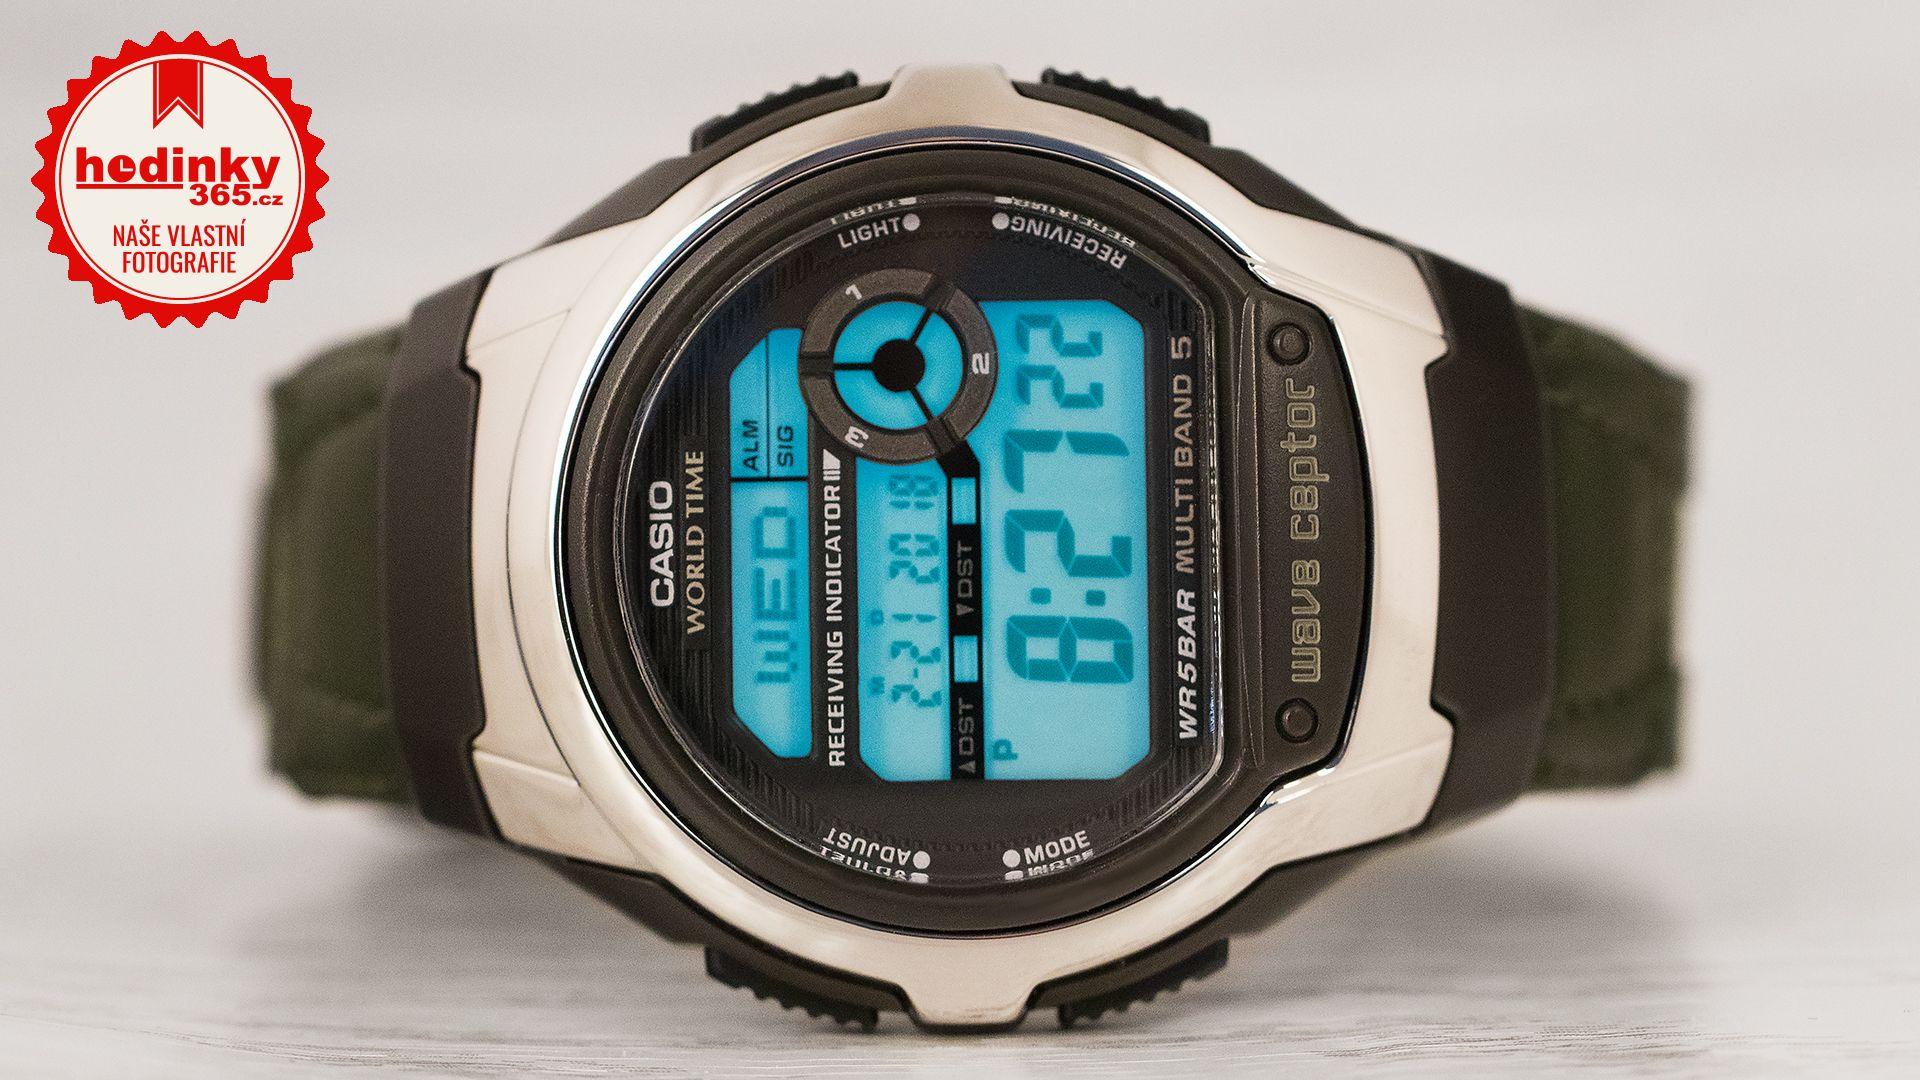 Casio Wave Ceptor Wv M60b 3aer Hodinky 365 Cz